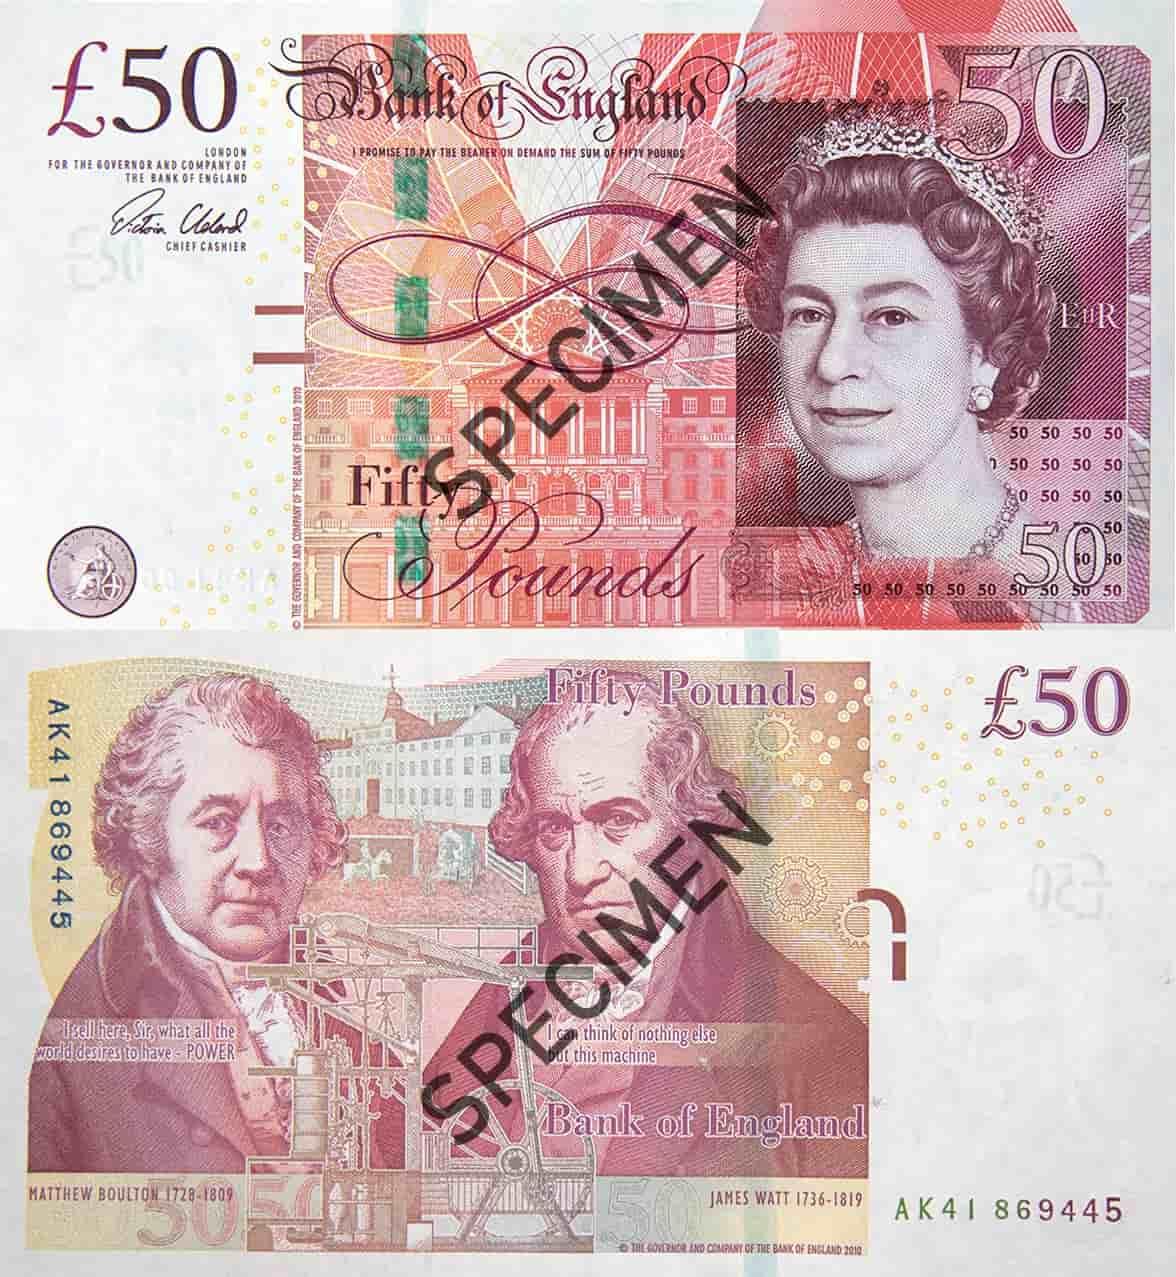 Banknot 50 funtów szterlingów